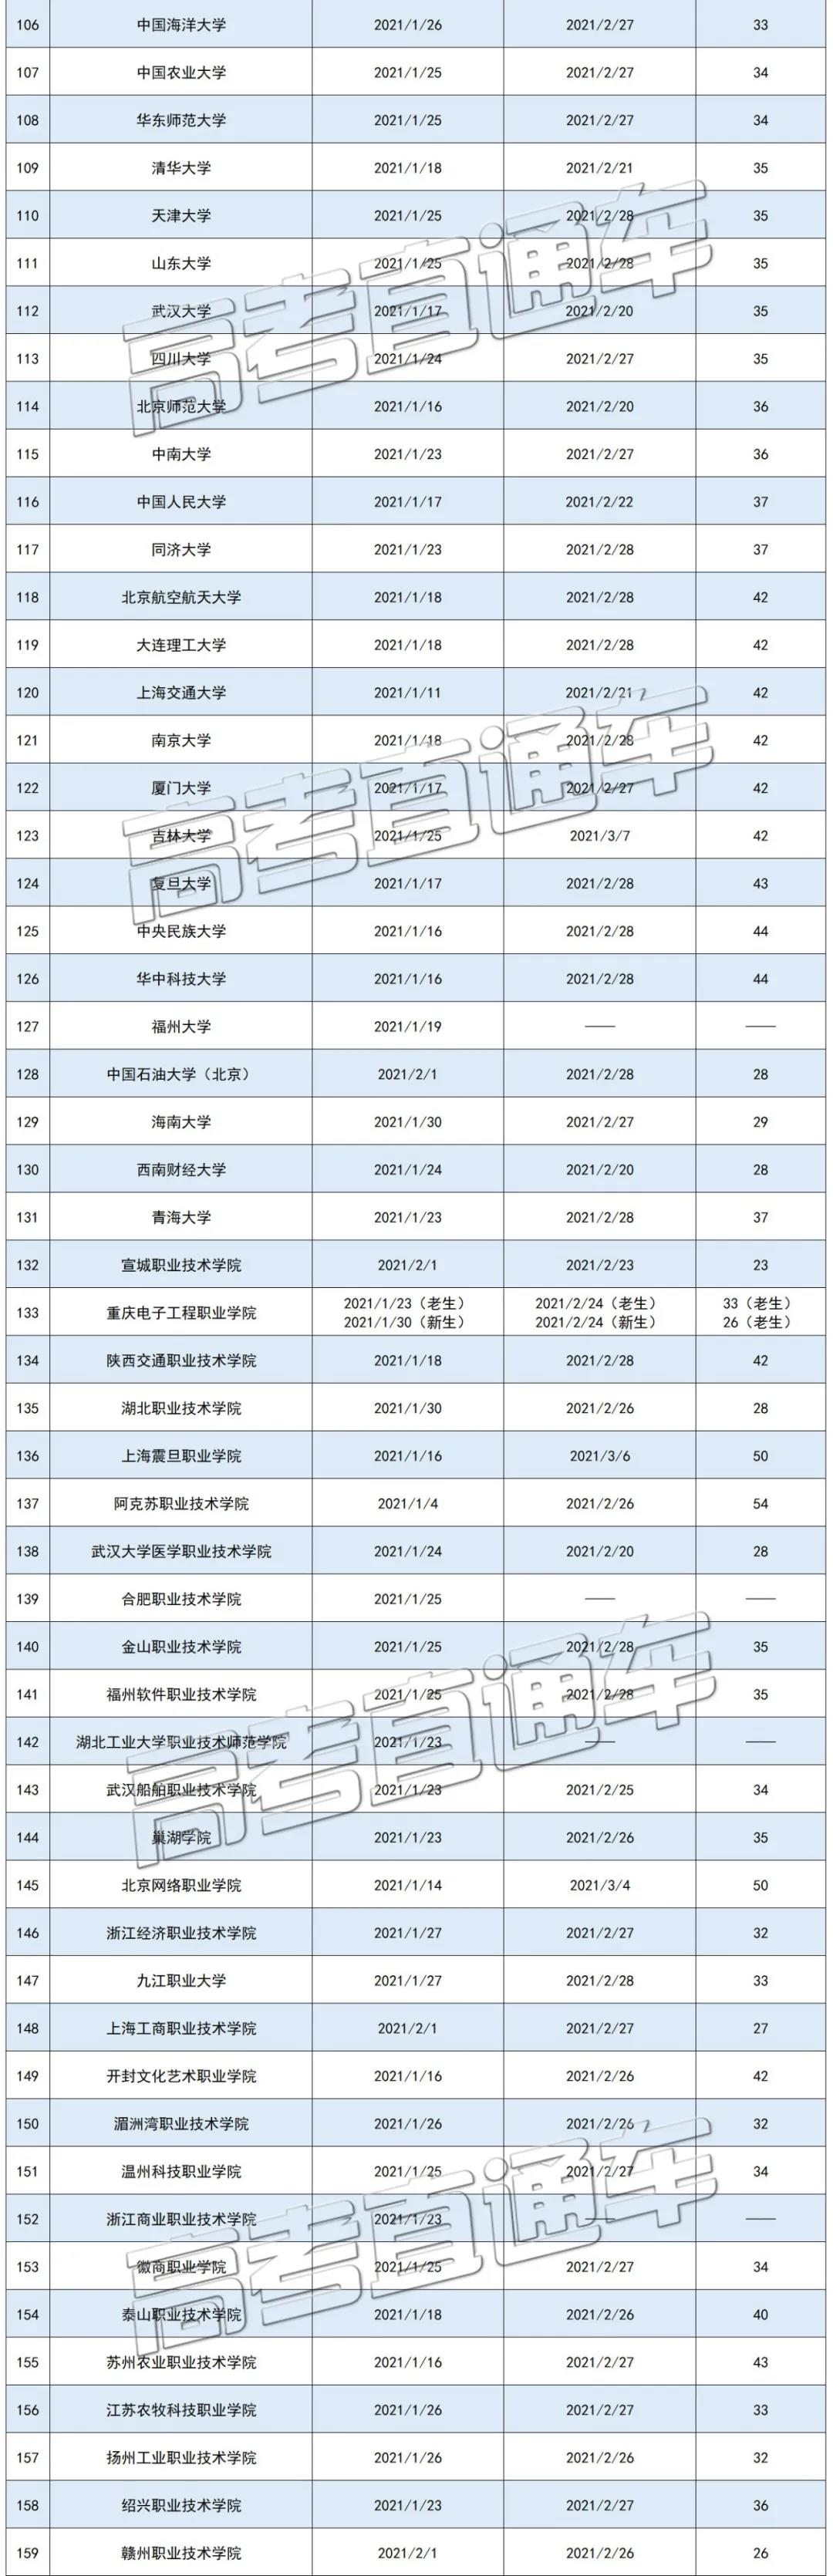 全��各高校寒假�r�g排行榜3